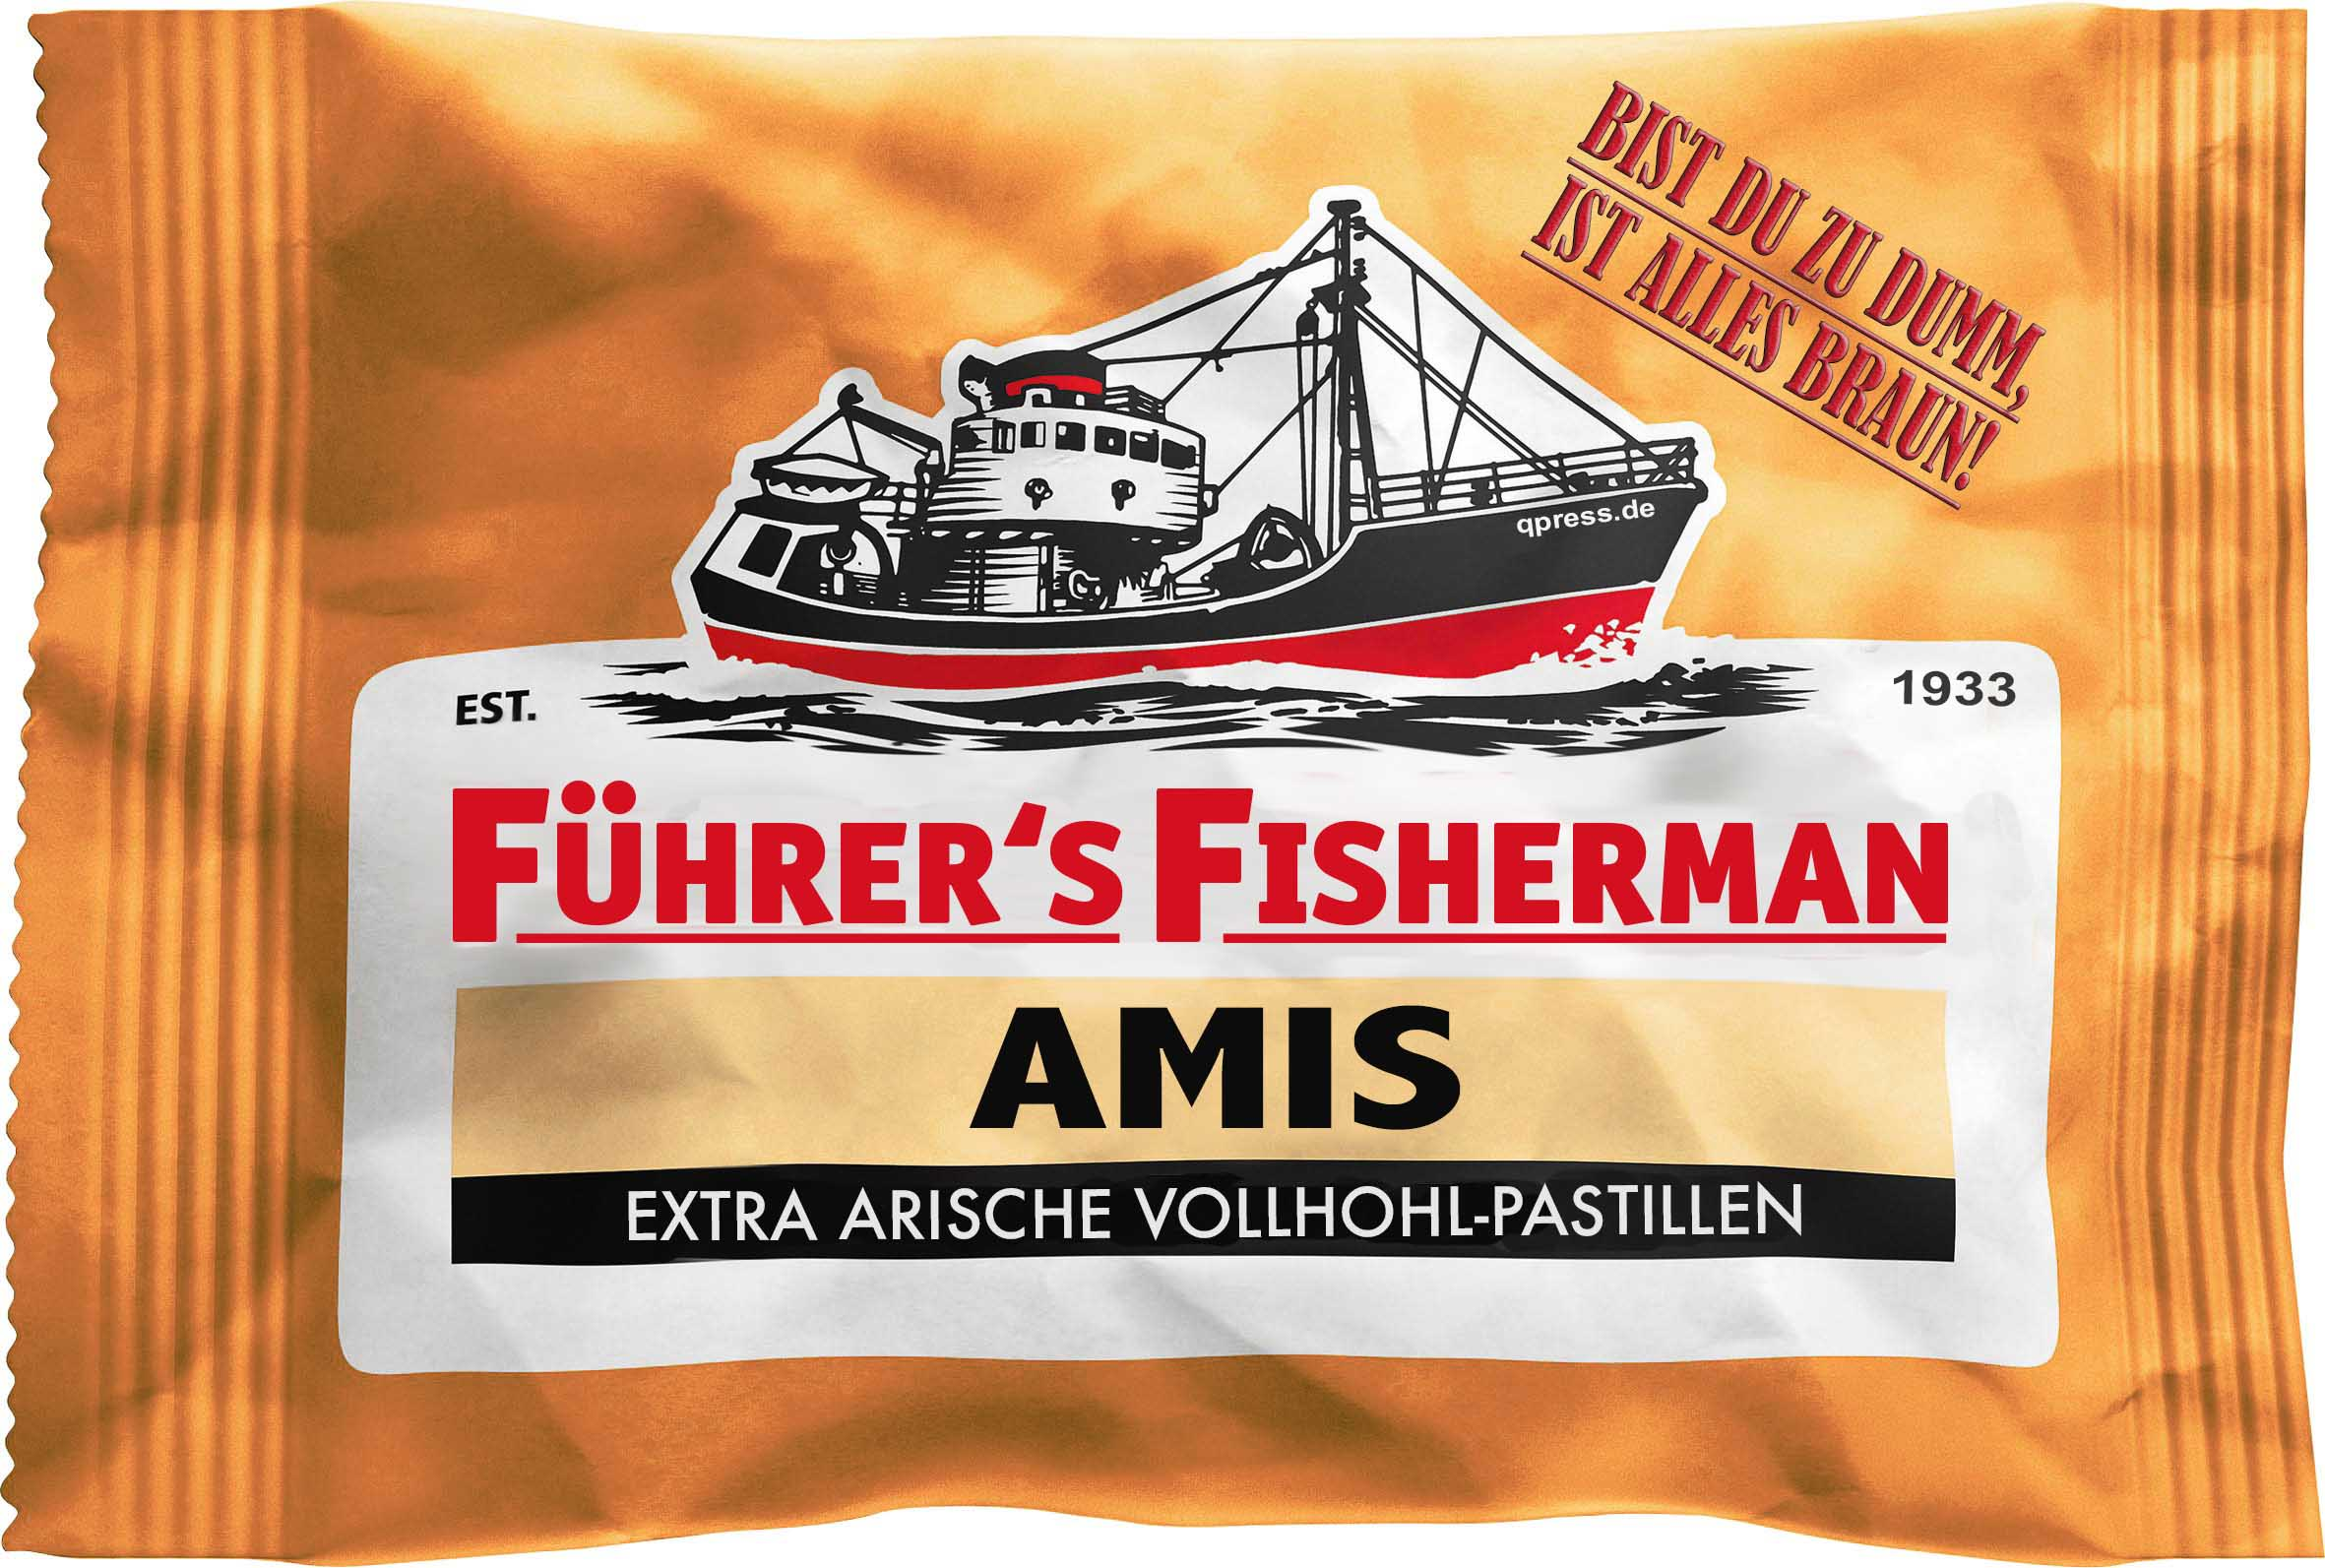 Fuehrers-Fisherman-Friend-Amis-Vollhohl-Pastillen